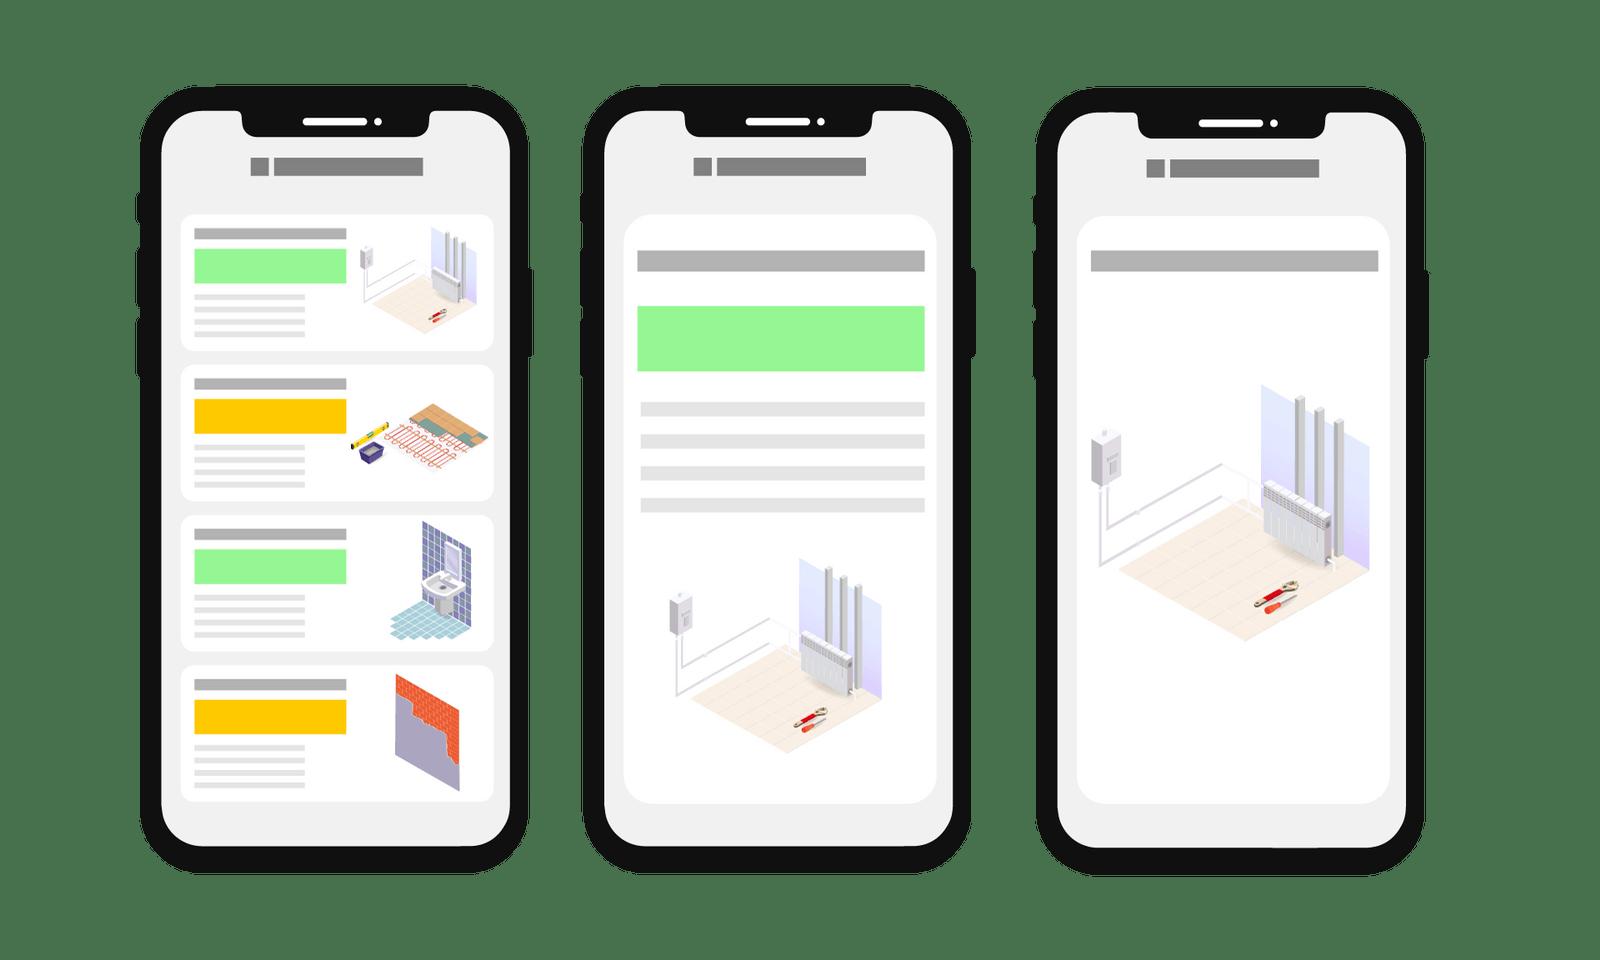 Gérer vos activités en mobilité avec l'application mobile native, y compris hors connexion.